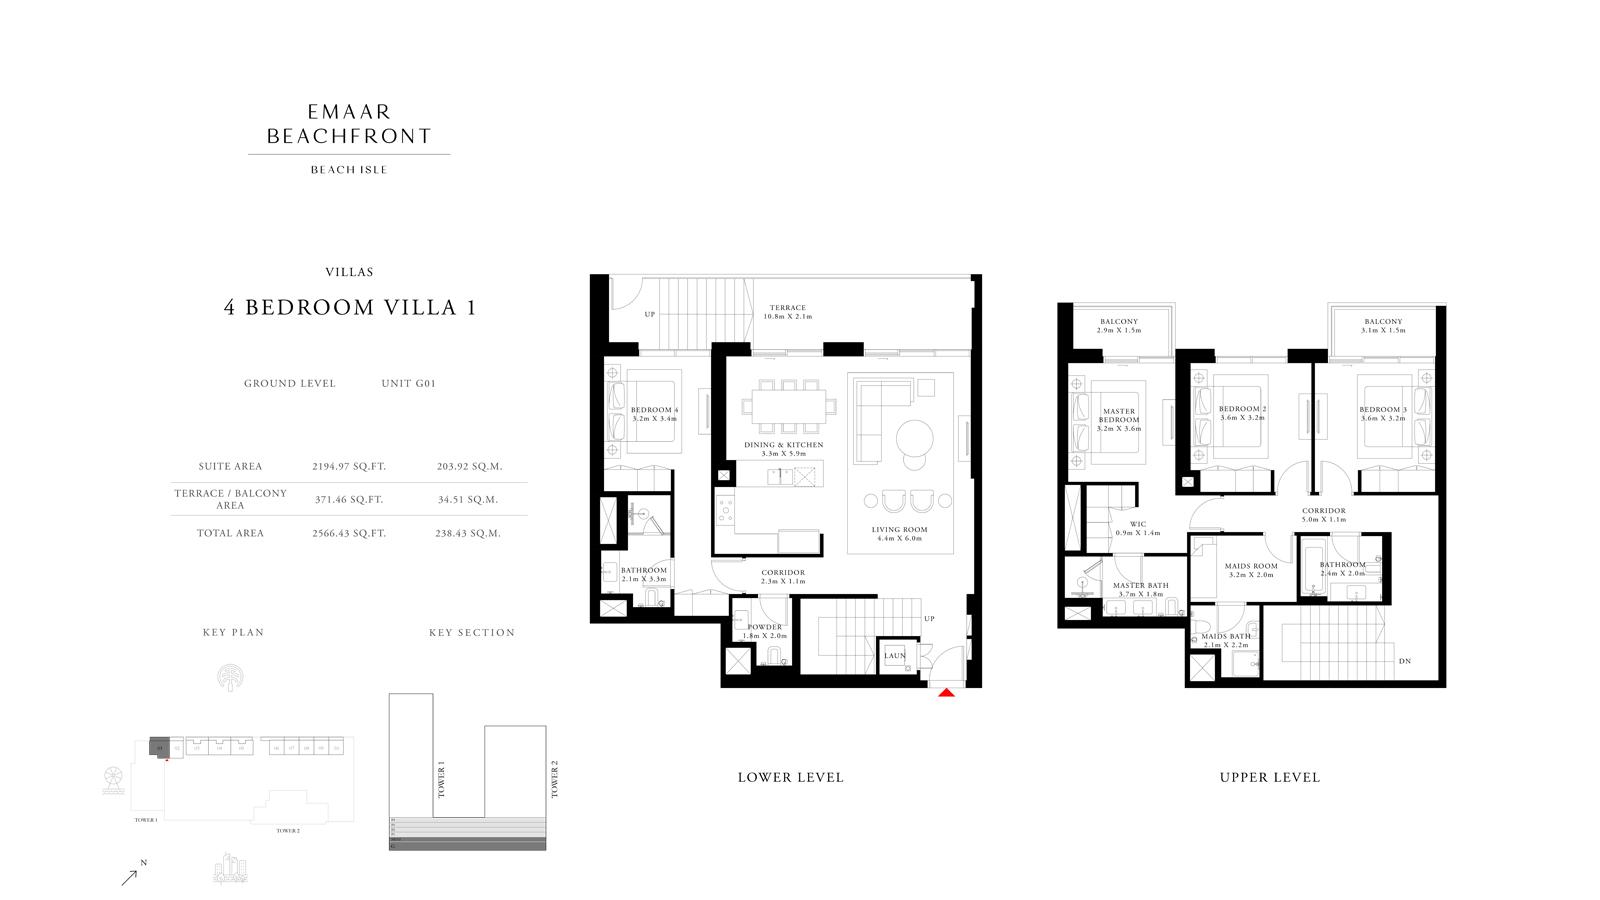 4 Bedroom Villas 1, Size 2566 sq ft